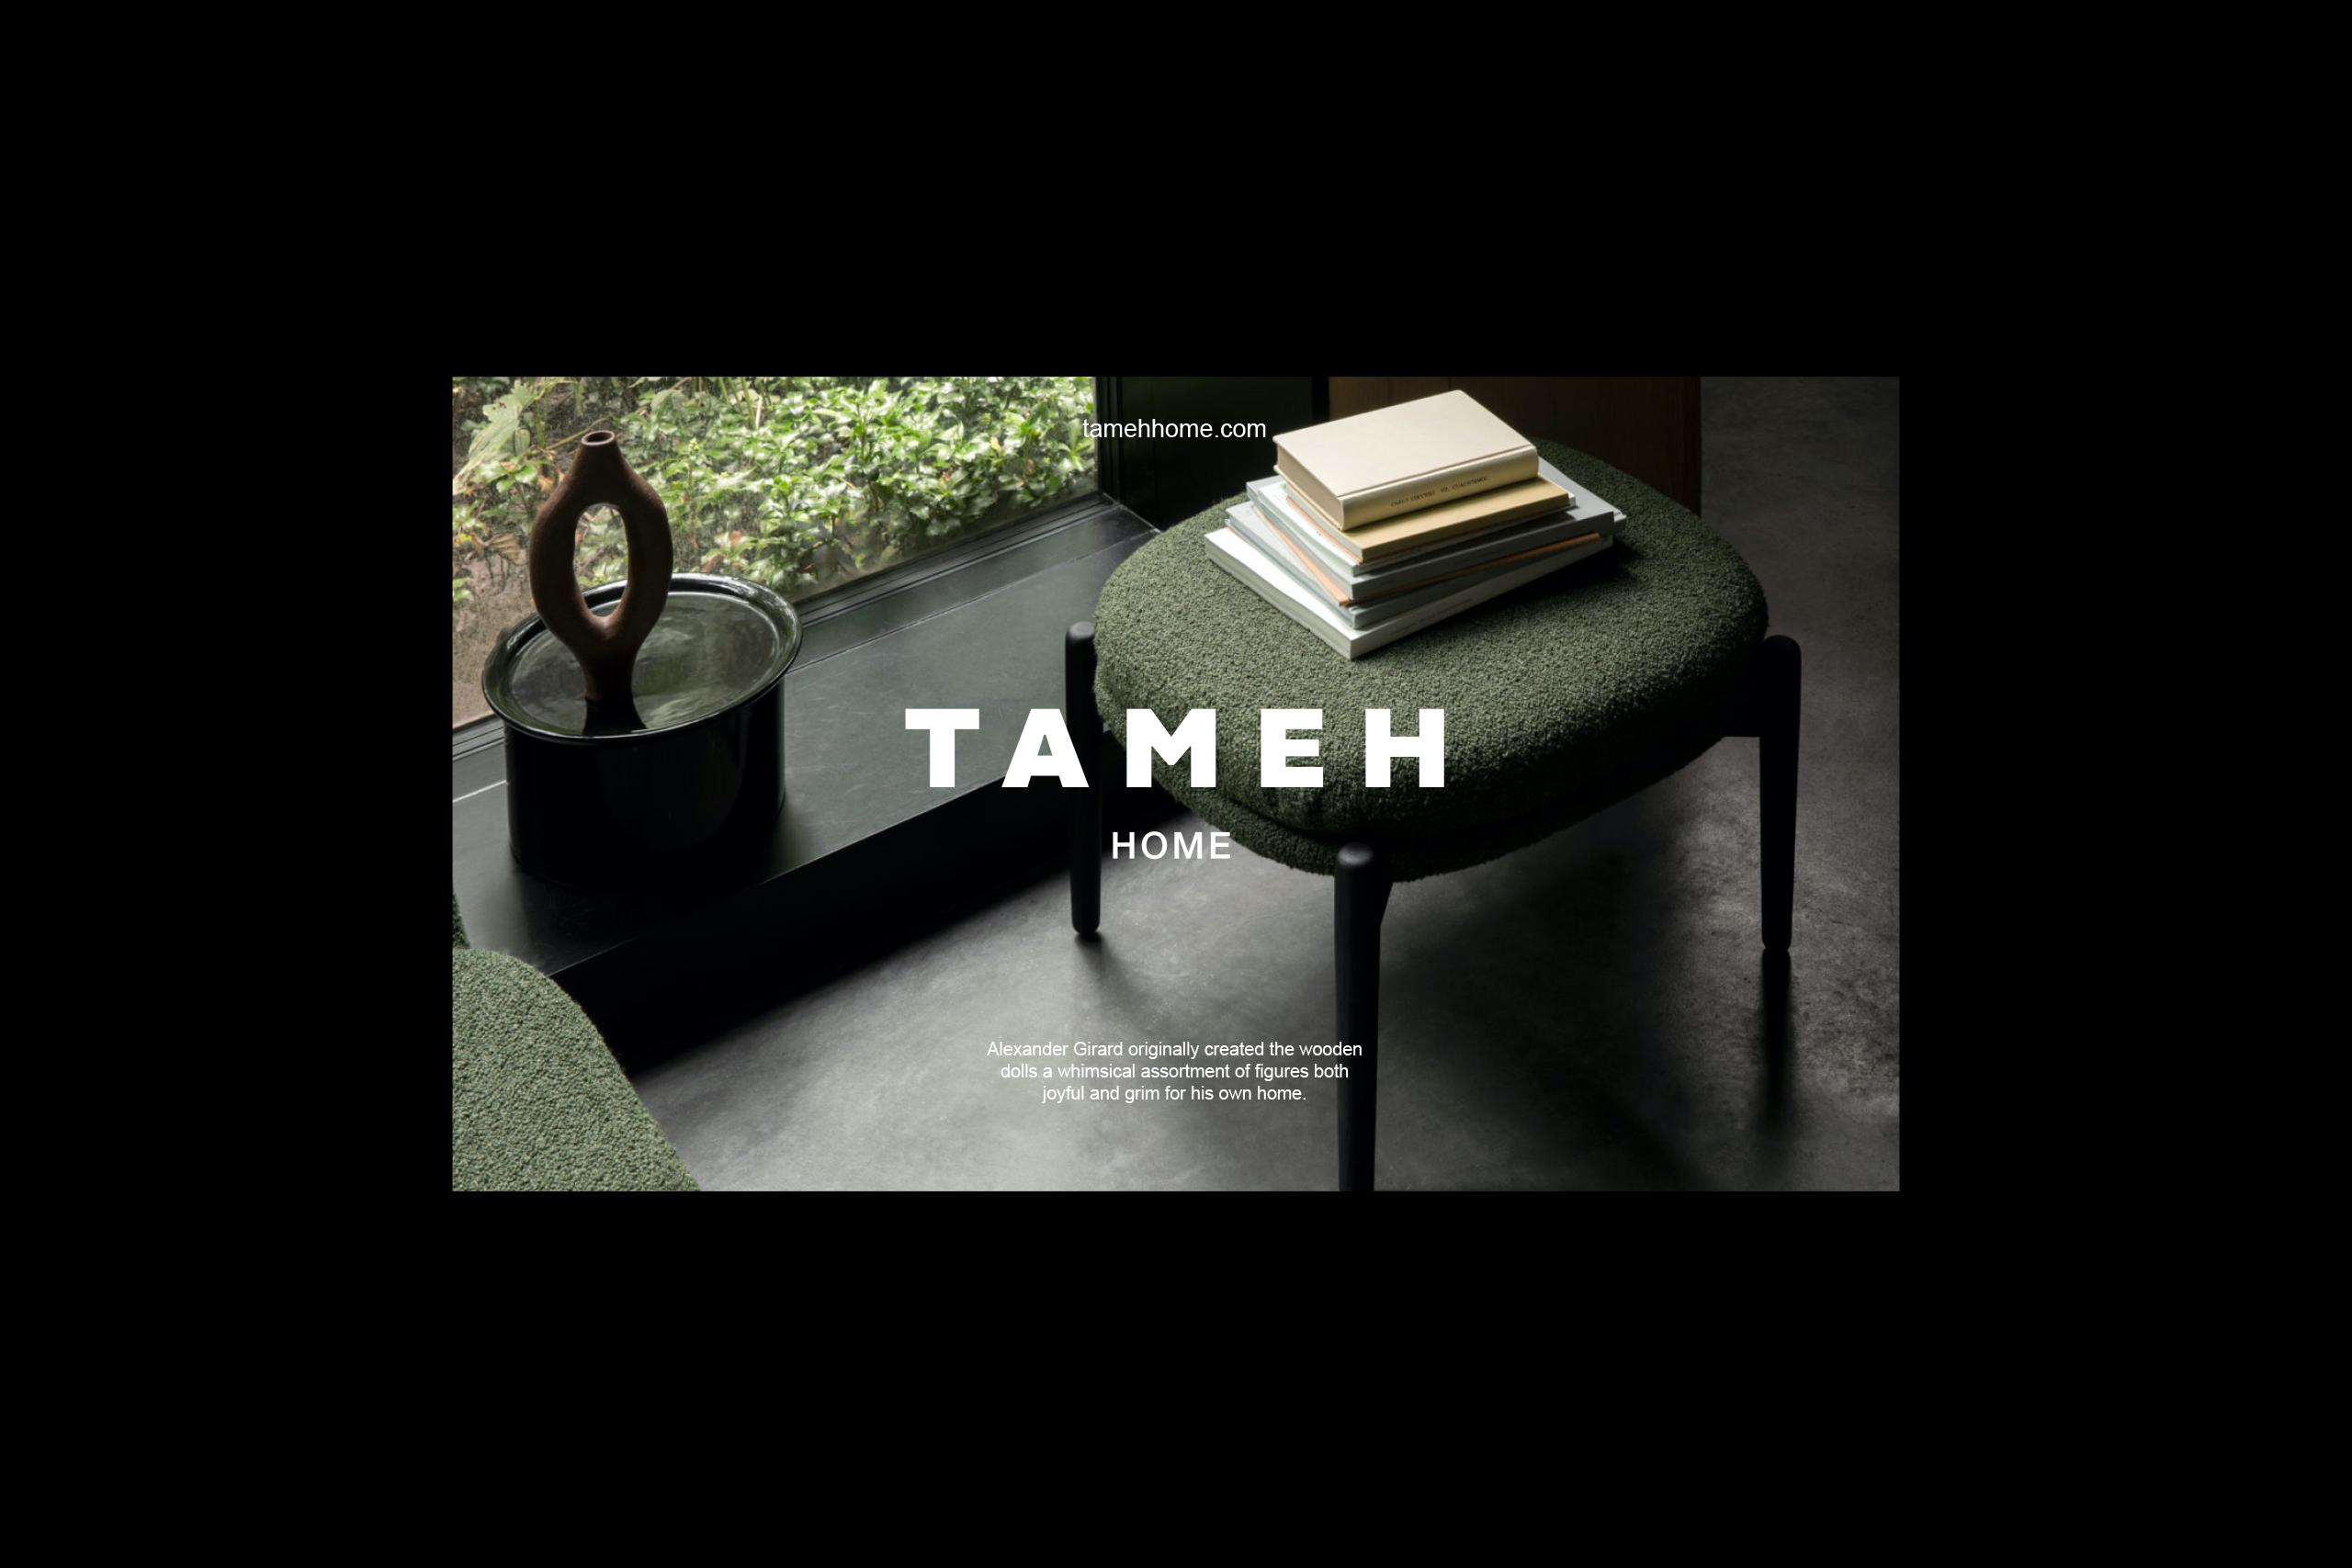 QIU_TAMEH_6